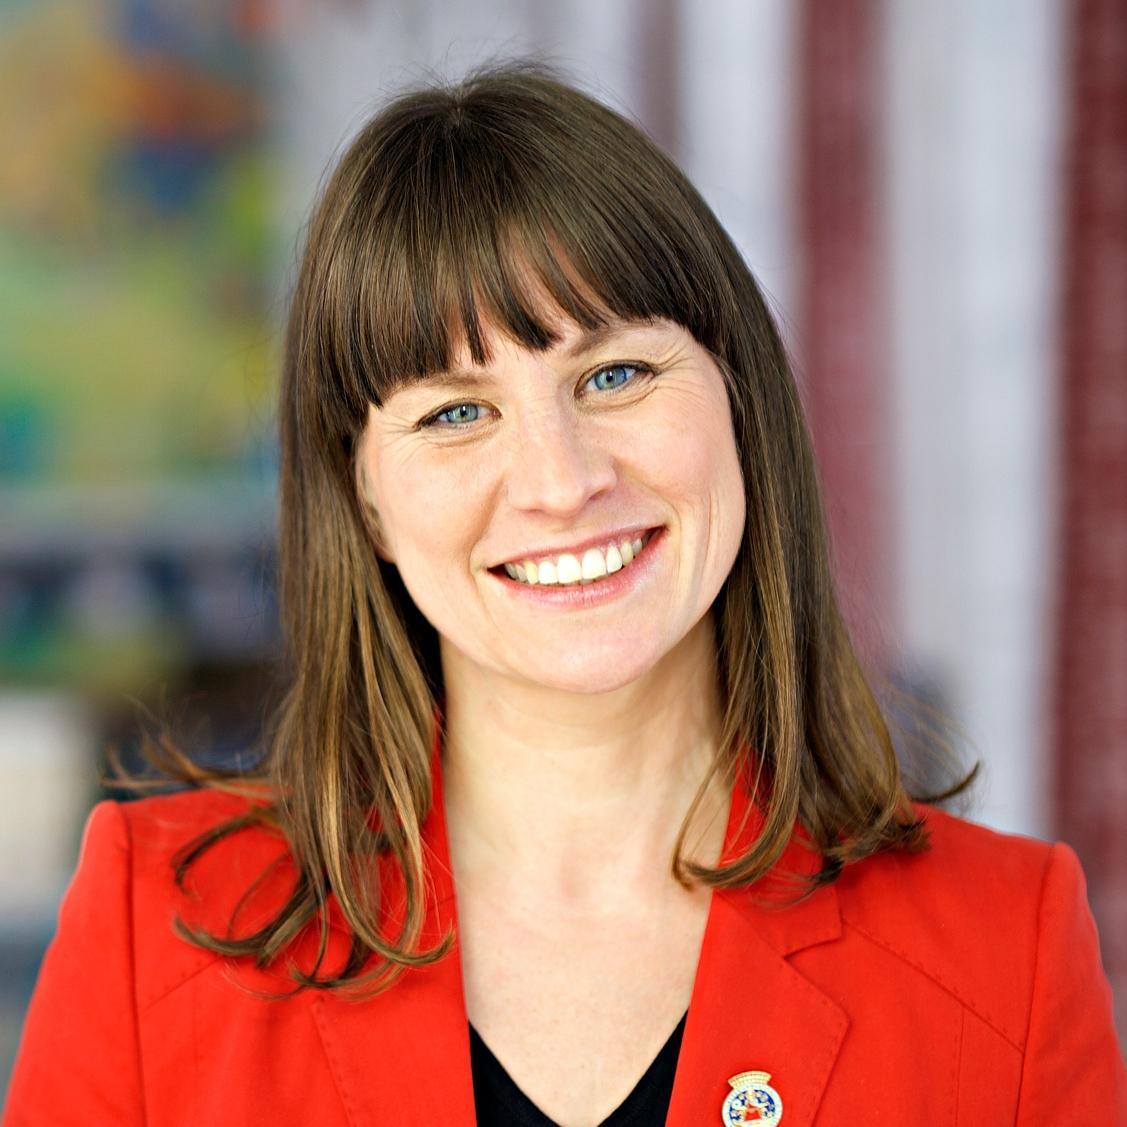 Kulturbyråd Rina Mariann Hansen deltar i debatt.